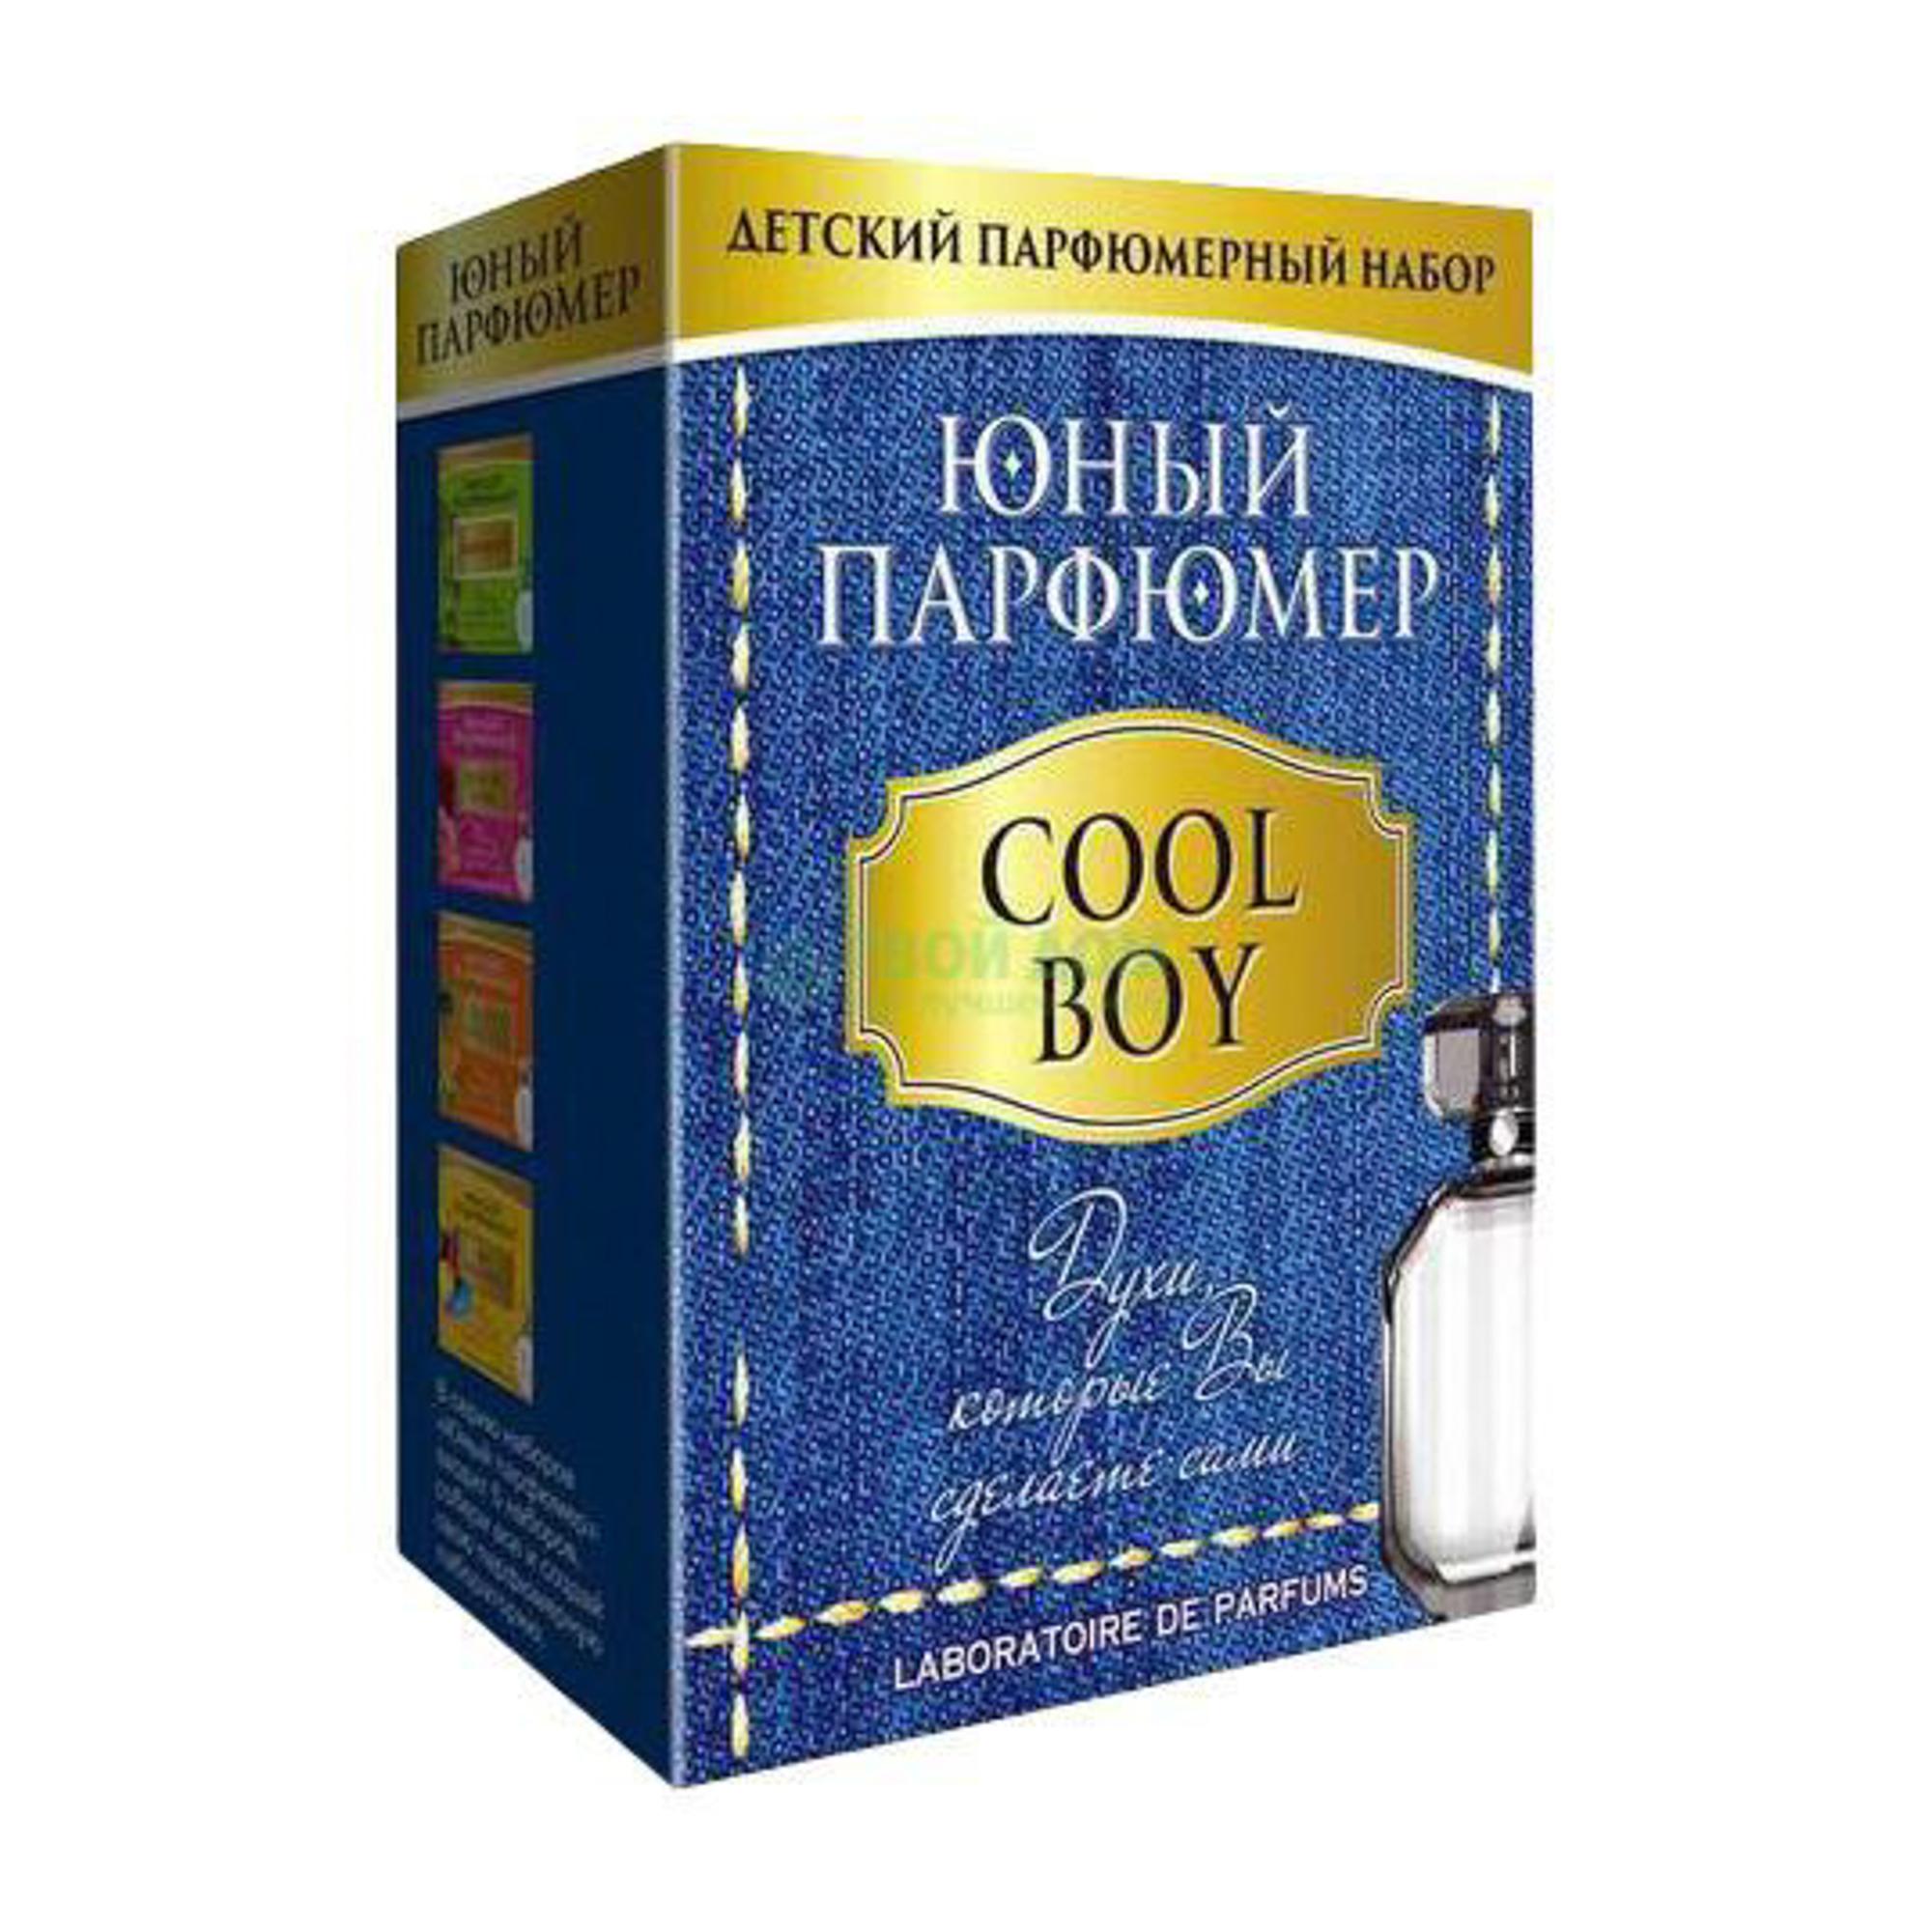 Набор для творчества Каррас Набор Юный Парфюмер Cool Boy (328ЮП) фото